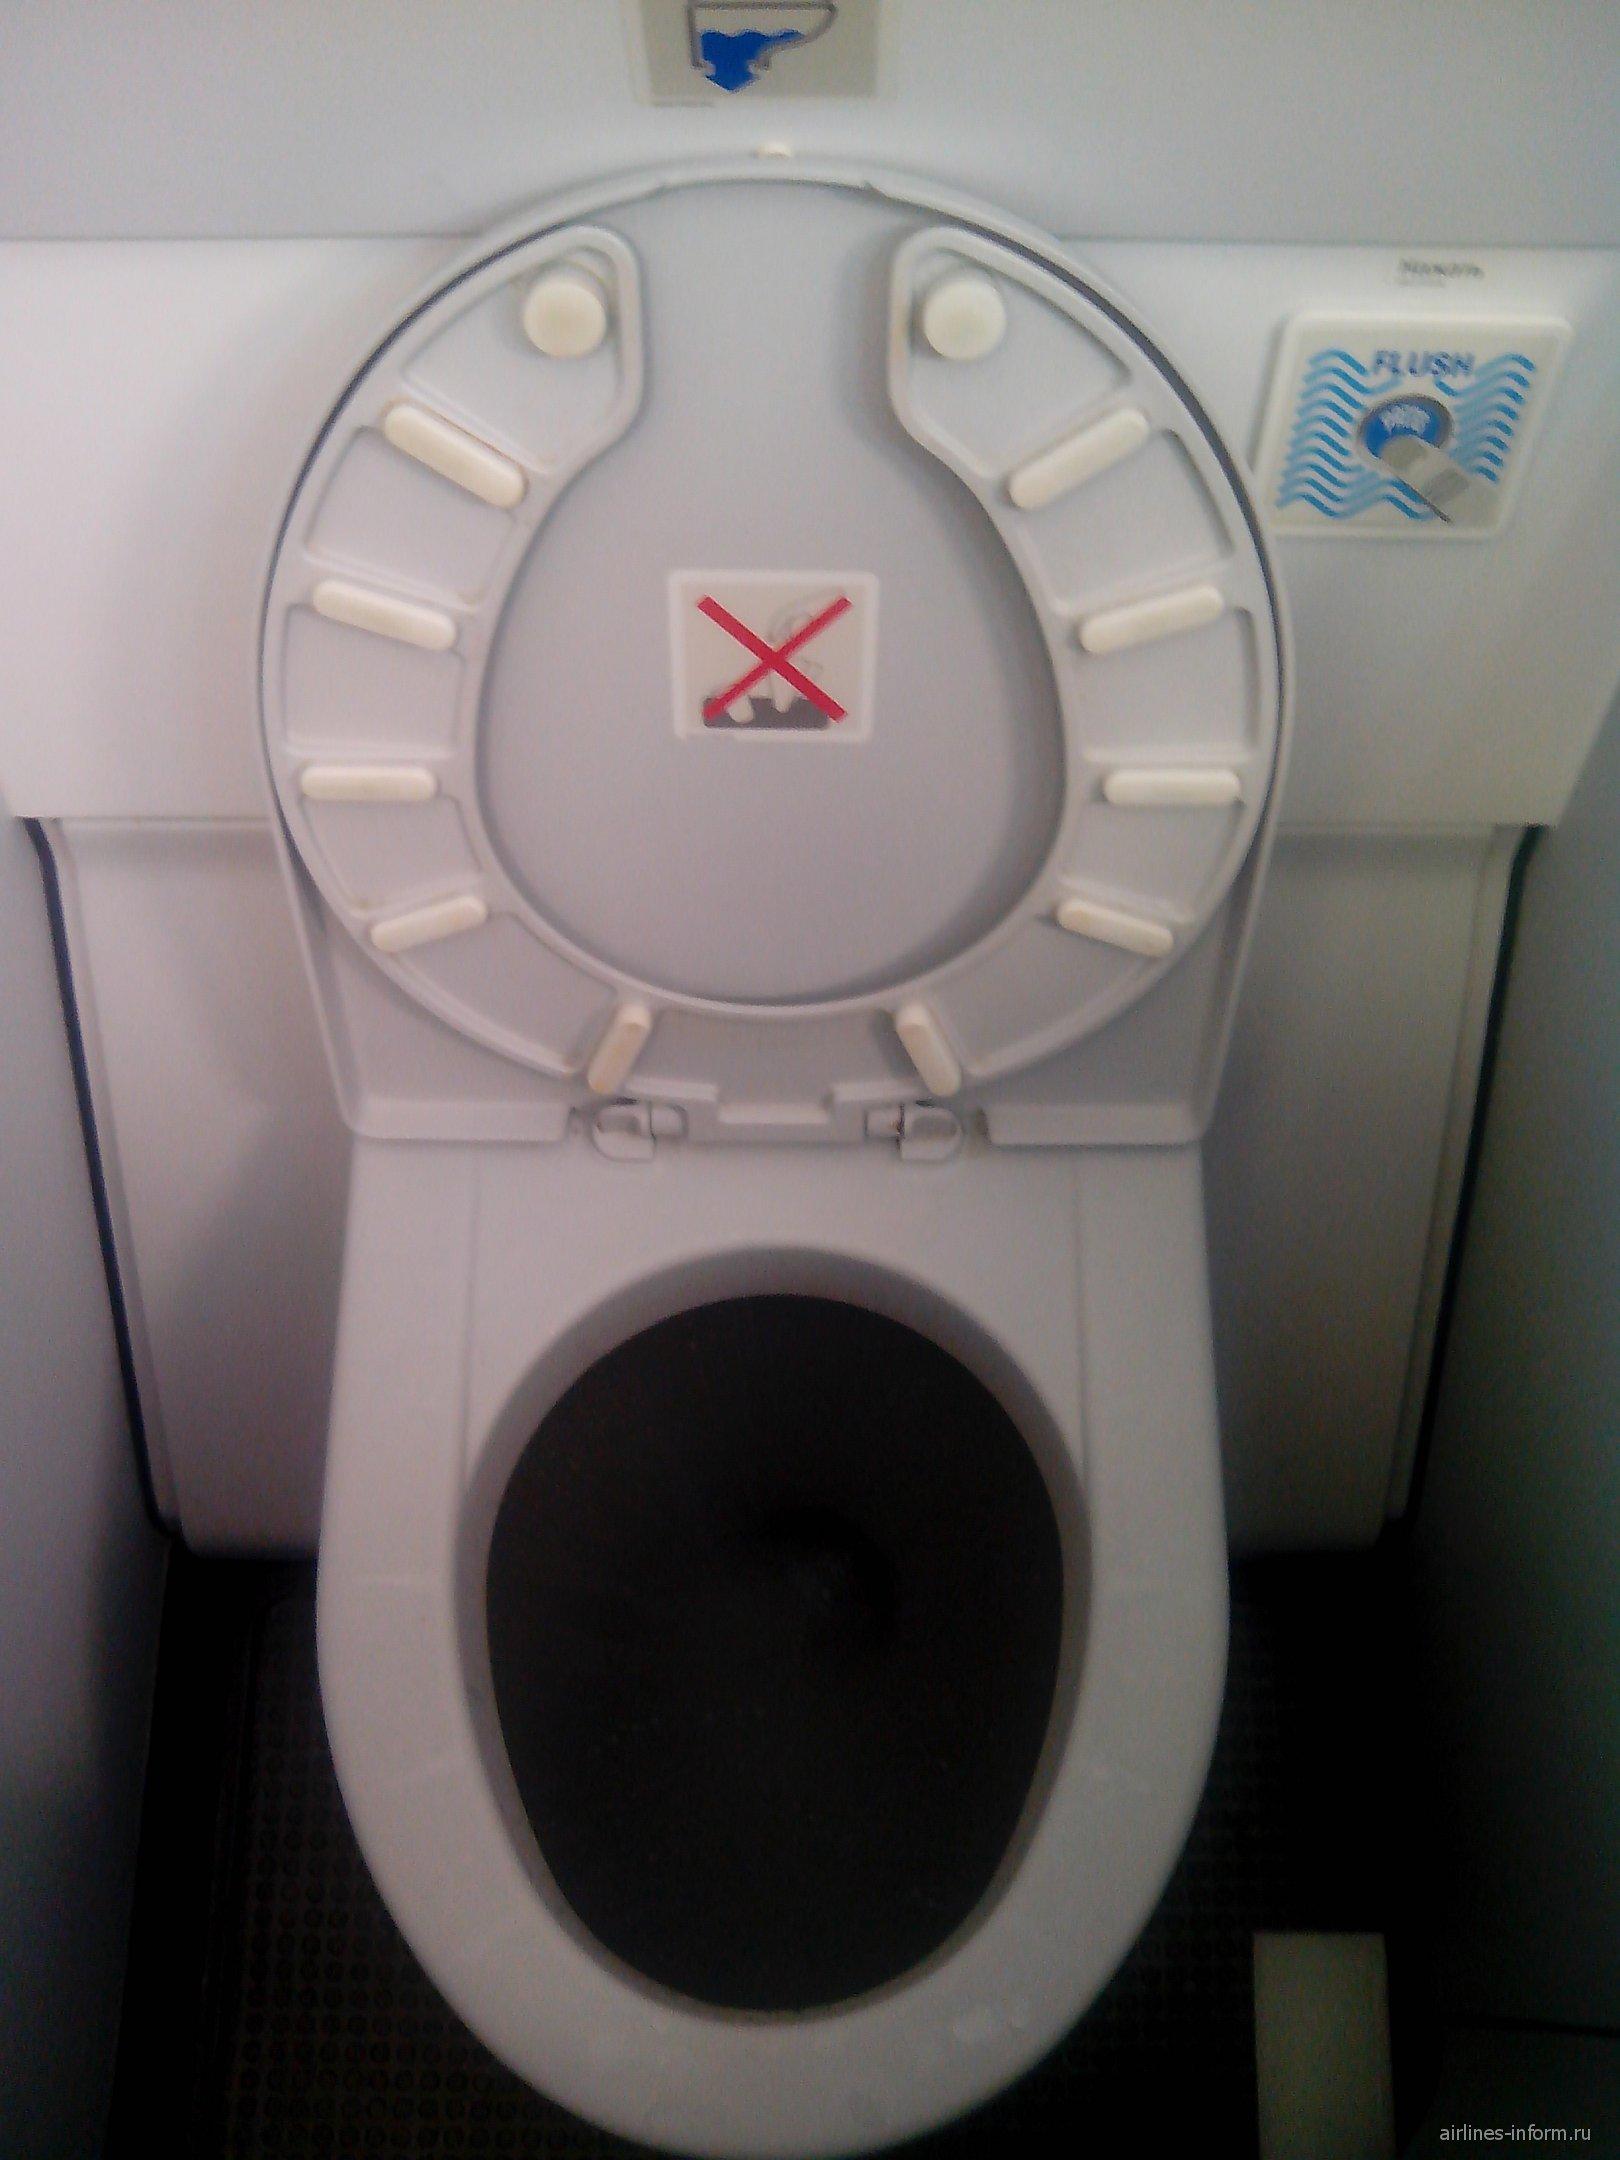 Туалет Airbus A321 авиакомпании ЮТэйр